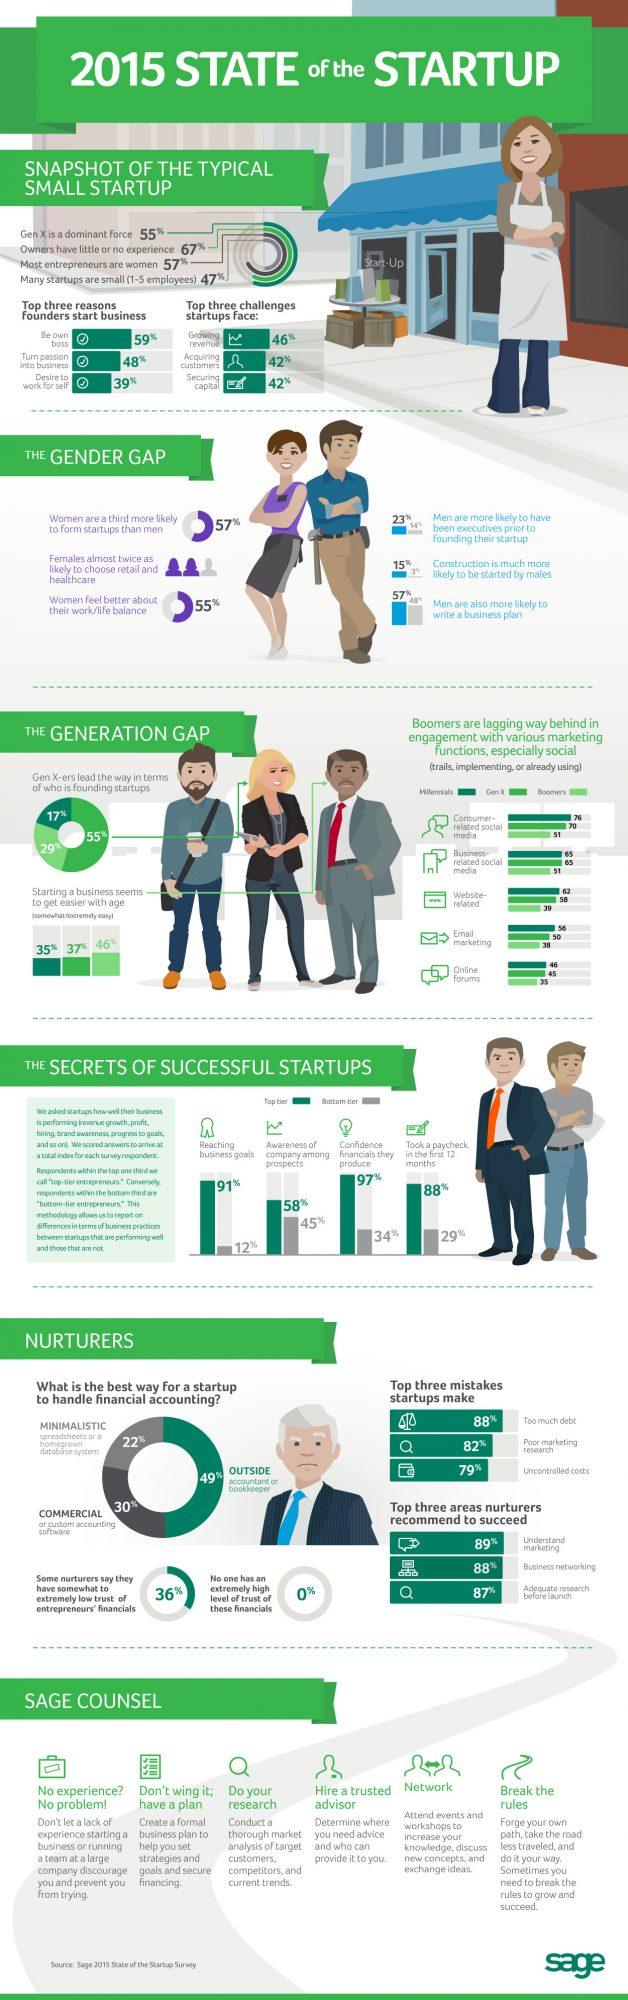 Sage entrepreneurs